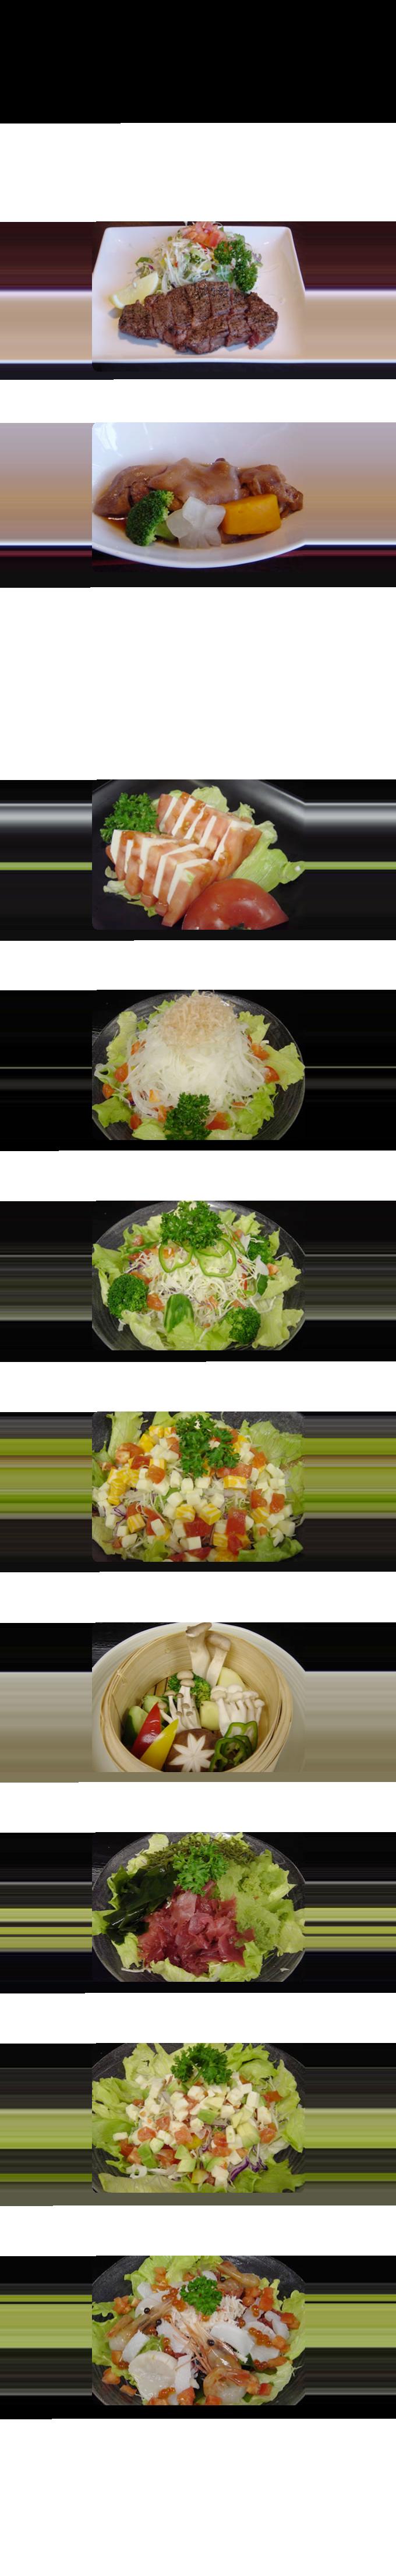 【裏メニュー】ベイエリア店のディナーメニュー